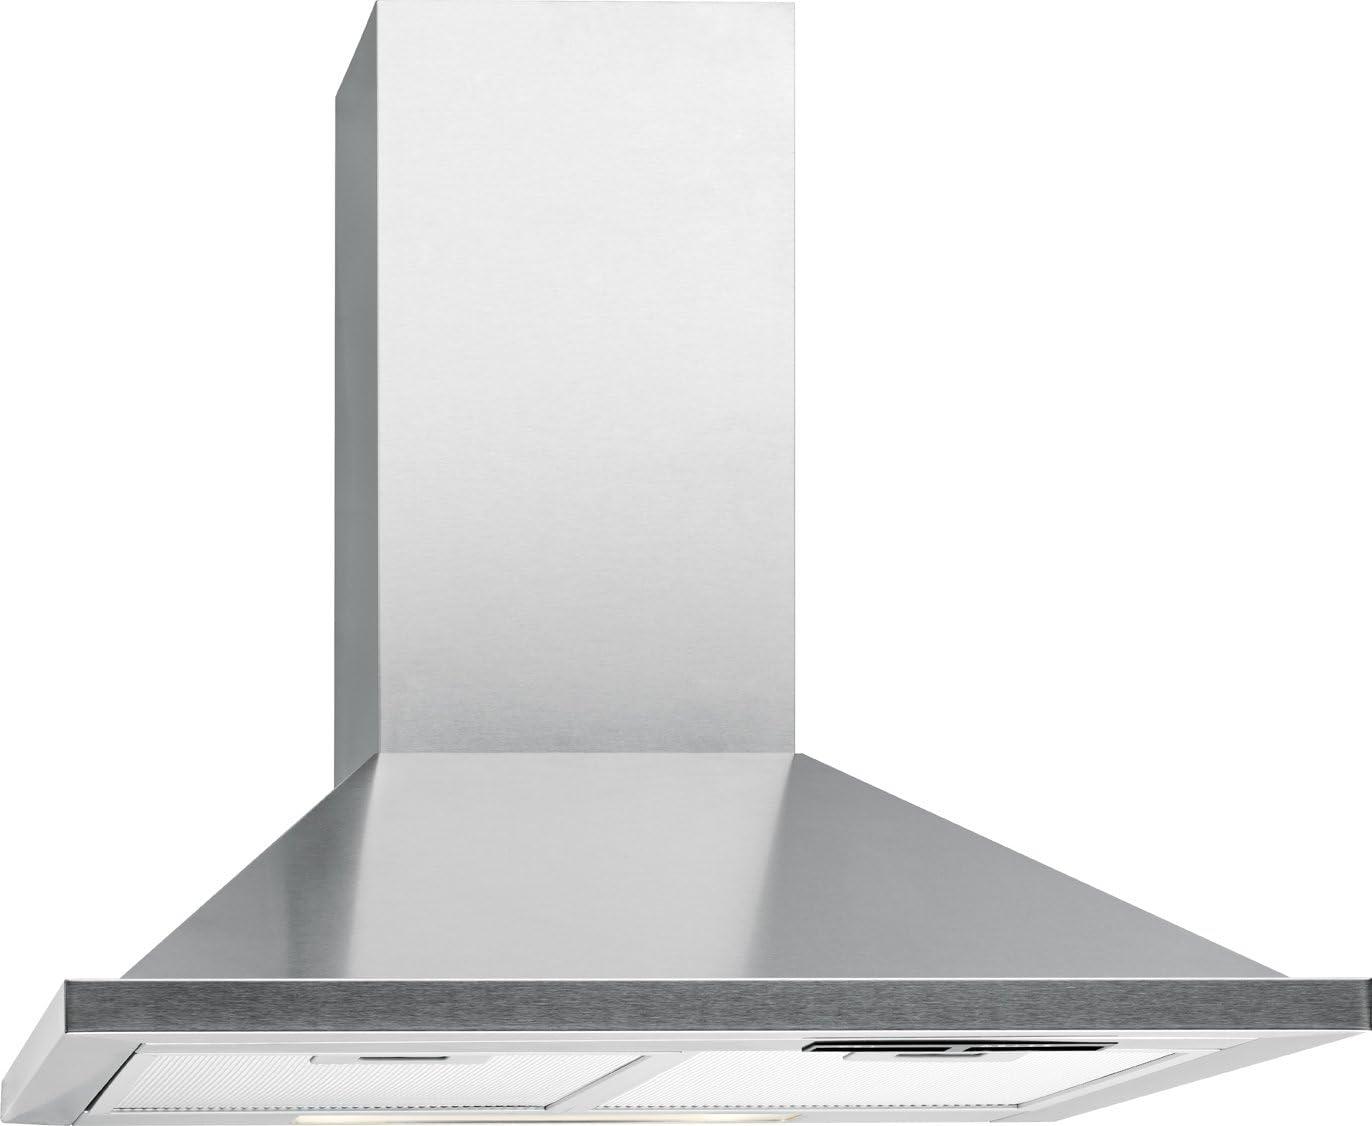 Bomann DU 652 Campana extractora decorativa 60cm 400m³/h, recirculación de Aire o por conducto, 3 Niveles Potencia, filtros extraibles de Aluminio Lavables, Acero Inoxidable, 121 W: Amazon.es: Grandes electrodomésticos